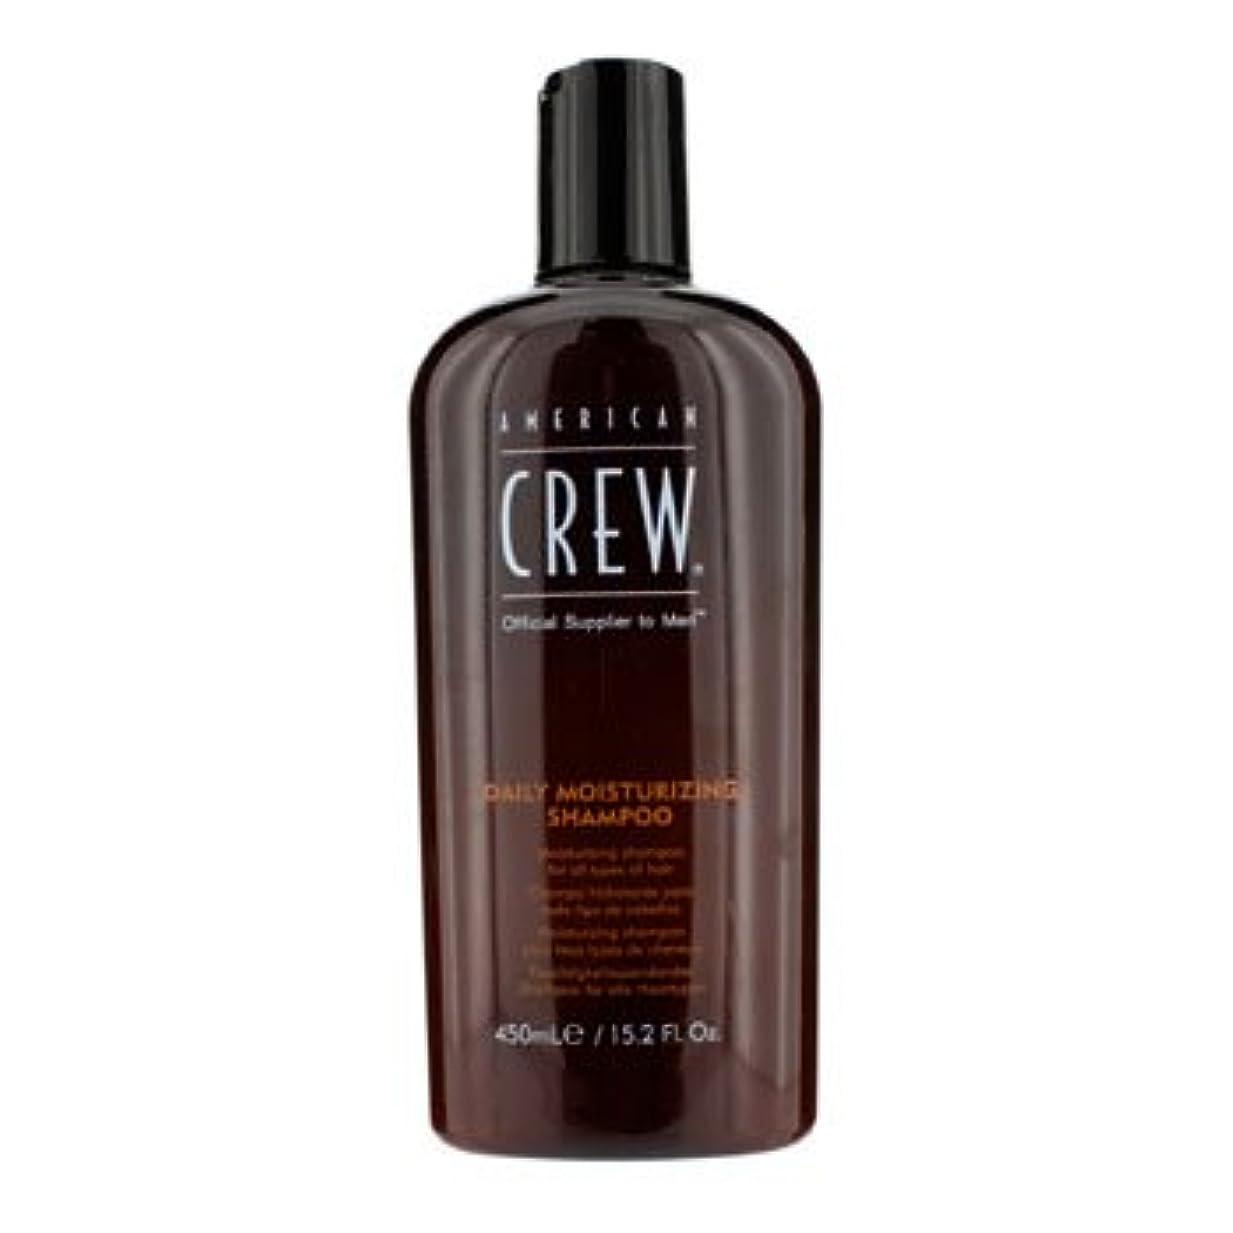 離れたギネス流行[American Crew] Men Daily Moisturizing Shampoo (For All Types of Hair) 450ml/15.2oz